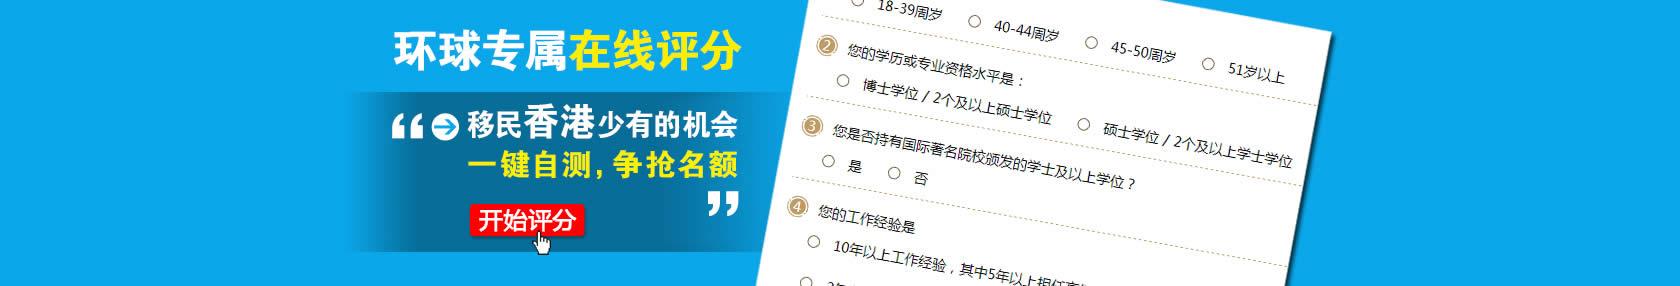 环球移民香港优才评分,一键自测移民香港机会